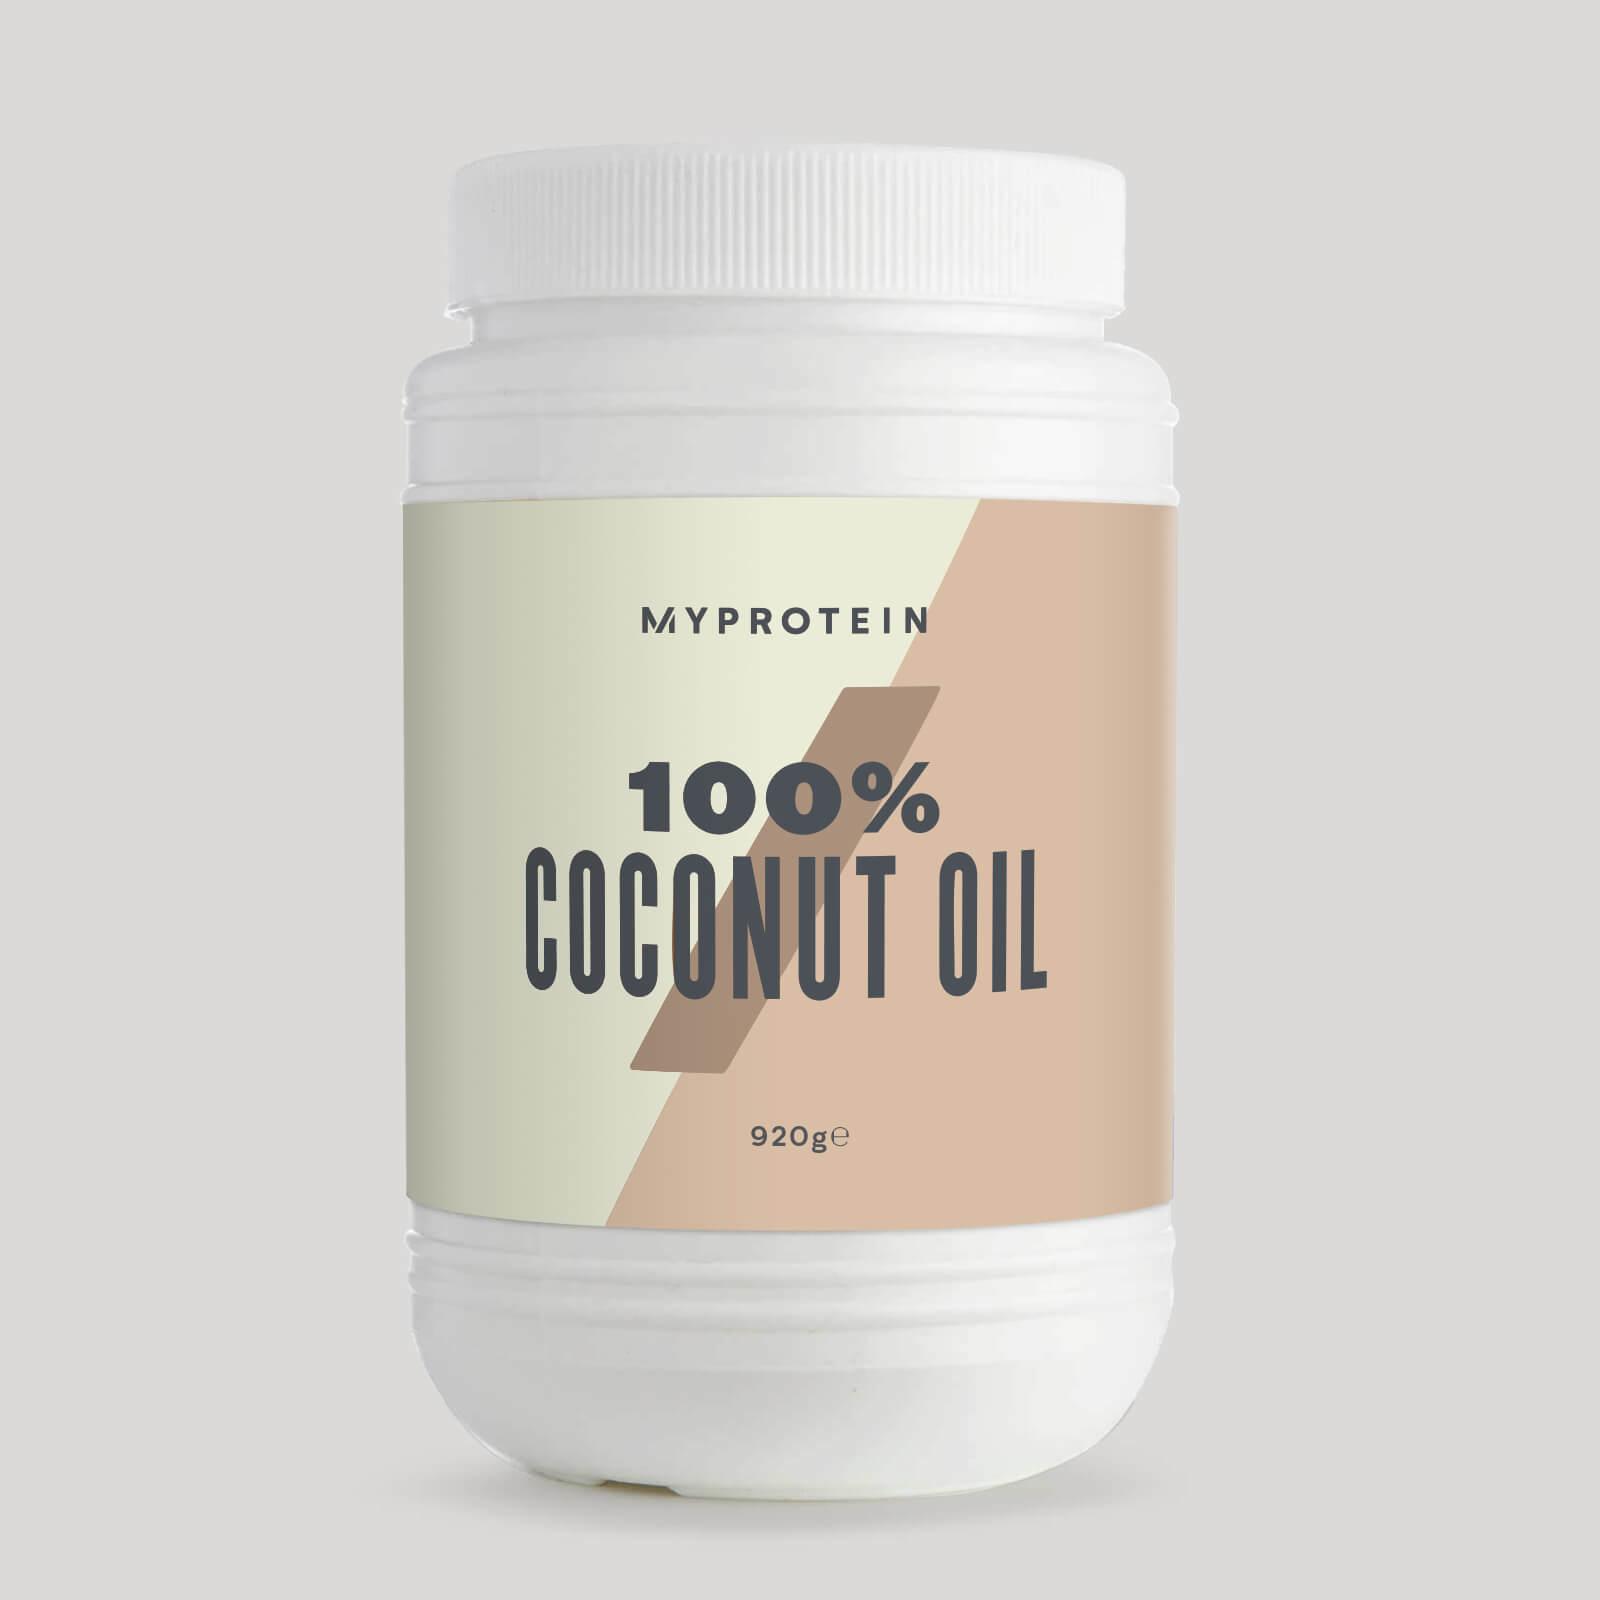 Myprotein Coconpure (Huile de coco) - 920g - Sans arôme ajouté